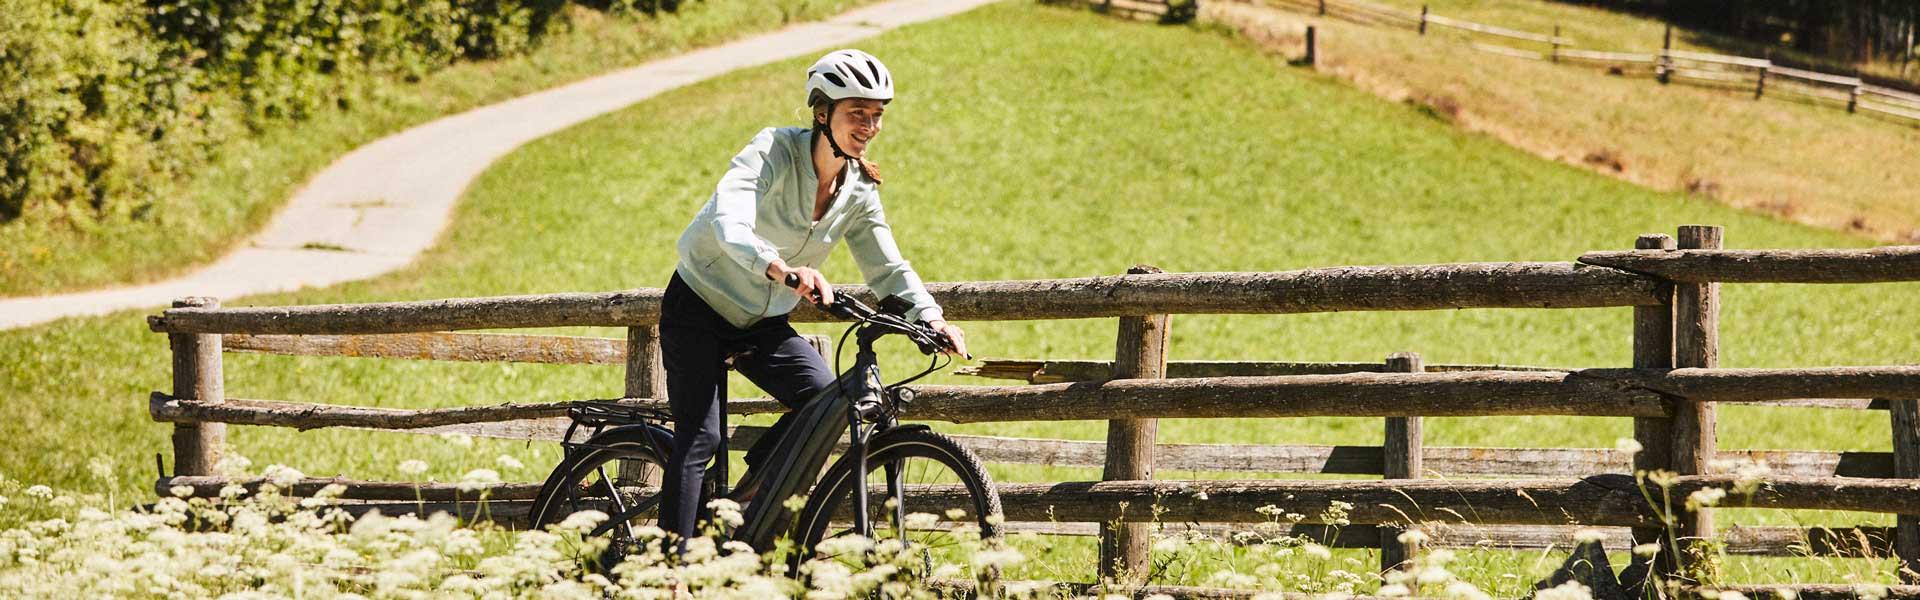 Electric Adventure Bikes